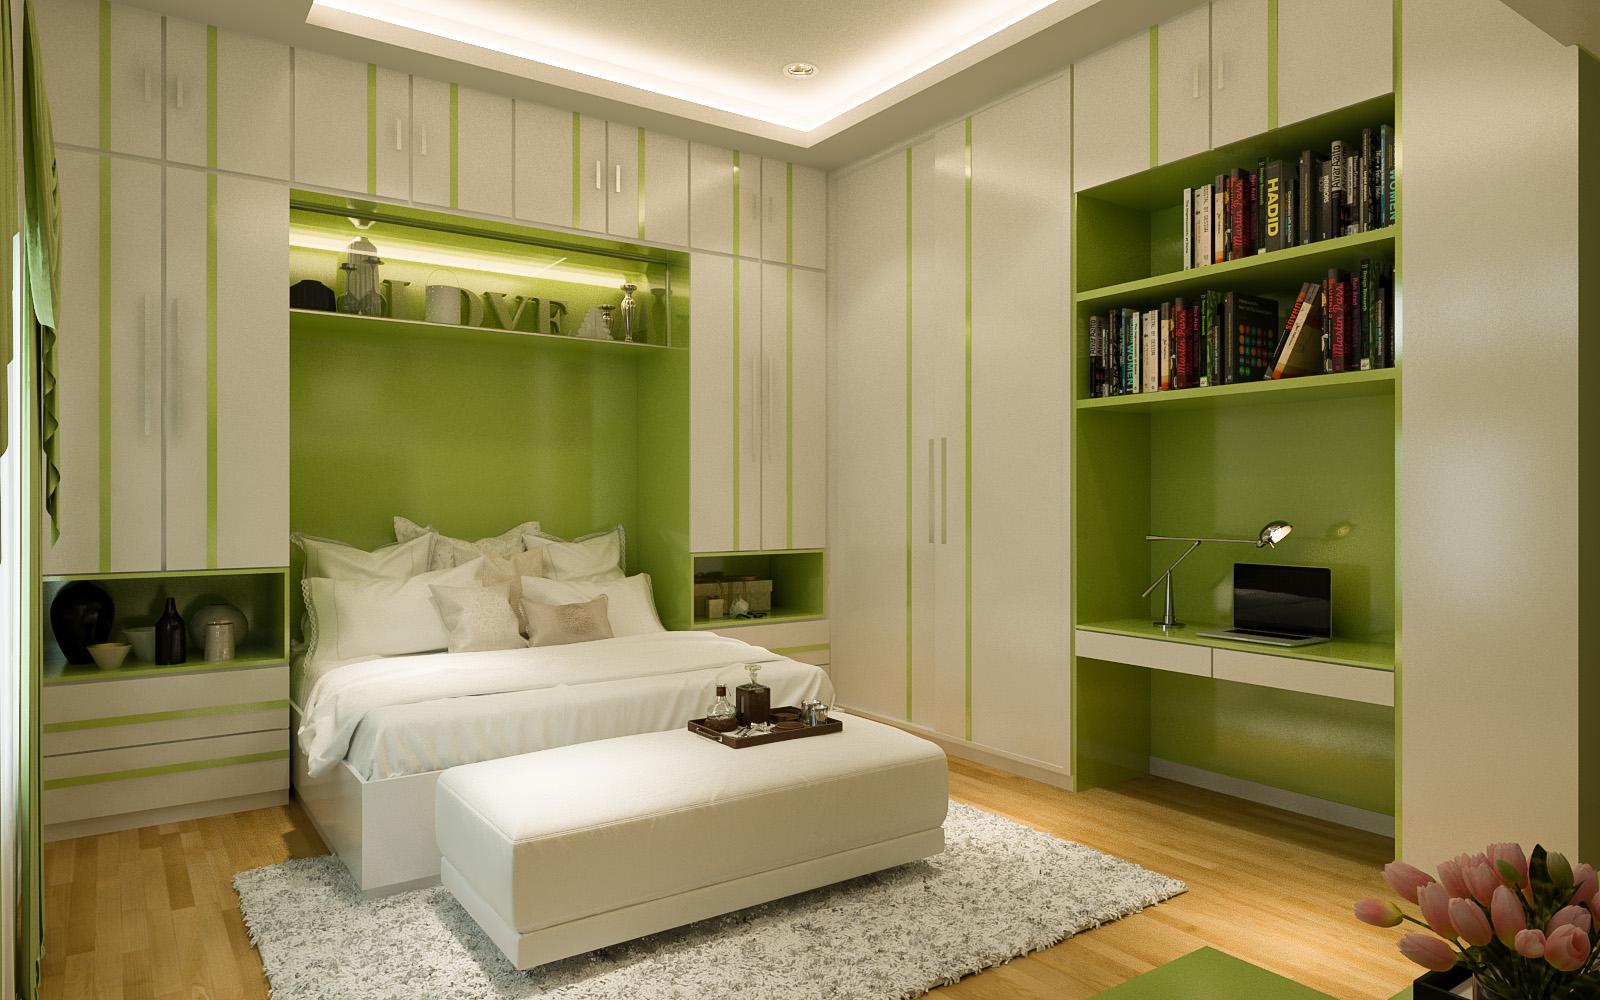 Desain Interior Kamar Tidur Utama Milik Pak Samsul Makassar Jasa Desain Rumah